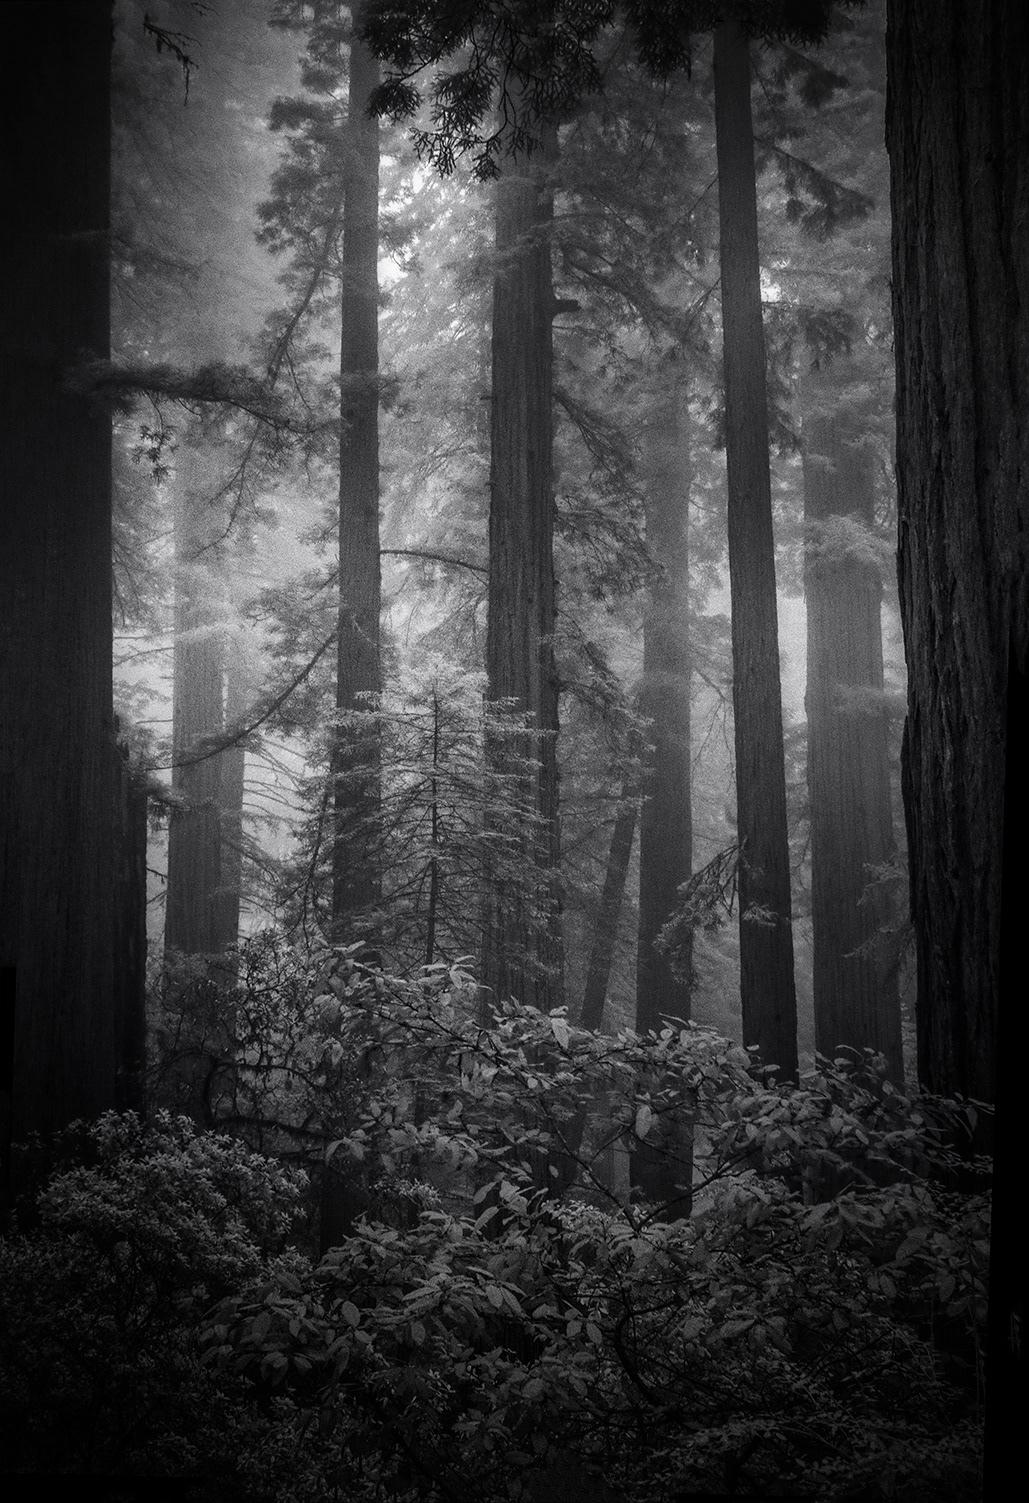 redwoods trees fog mist leaves light black and white infrared IR